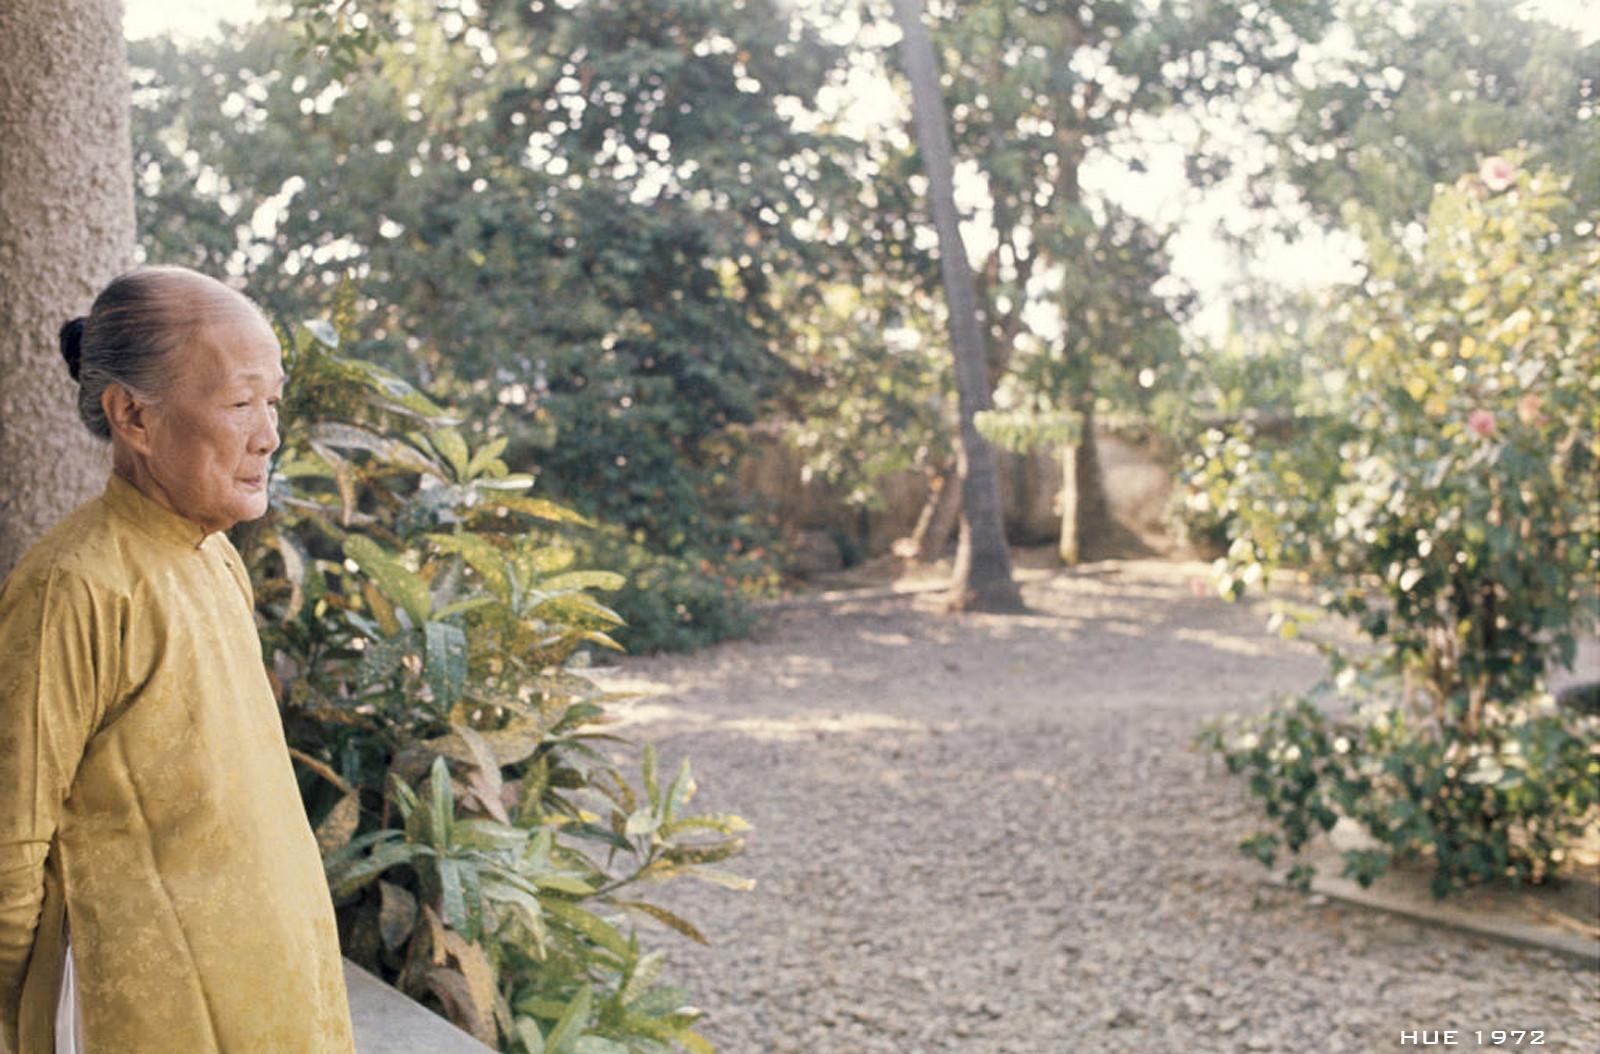 Hình ảnh hiếm có về mẹ vua Bảo Đại ở Huế năm 1972